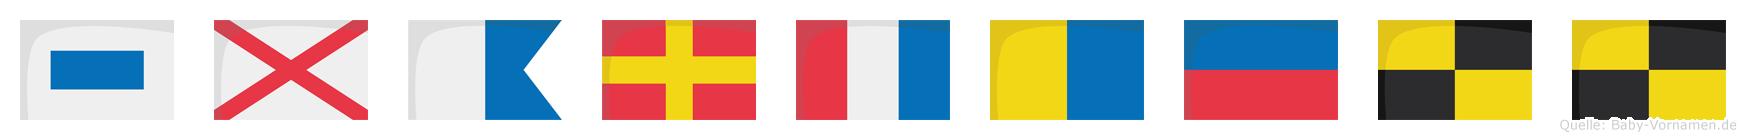 Svartkell im Flaggenalphabet